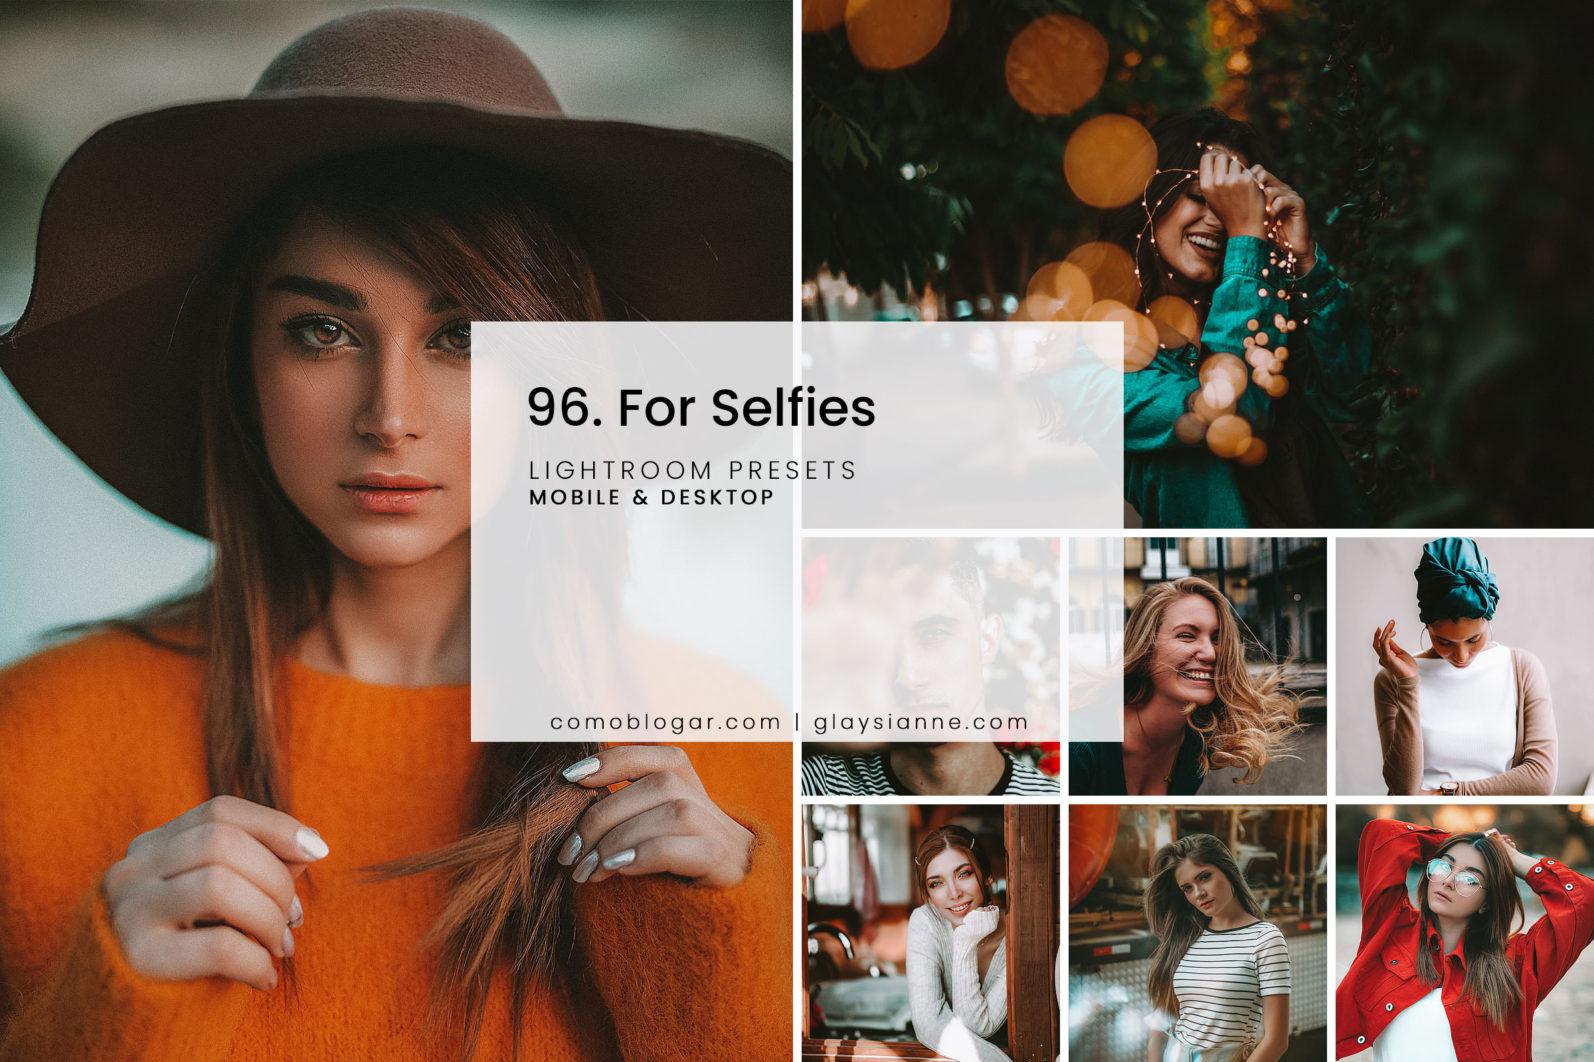 96. For Selfies - 96.For Selfies 1 -